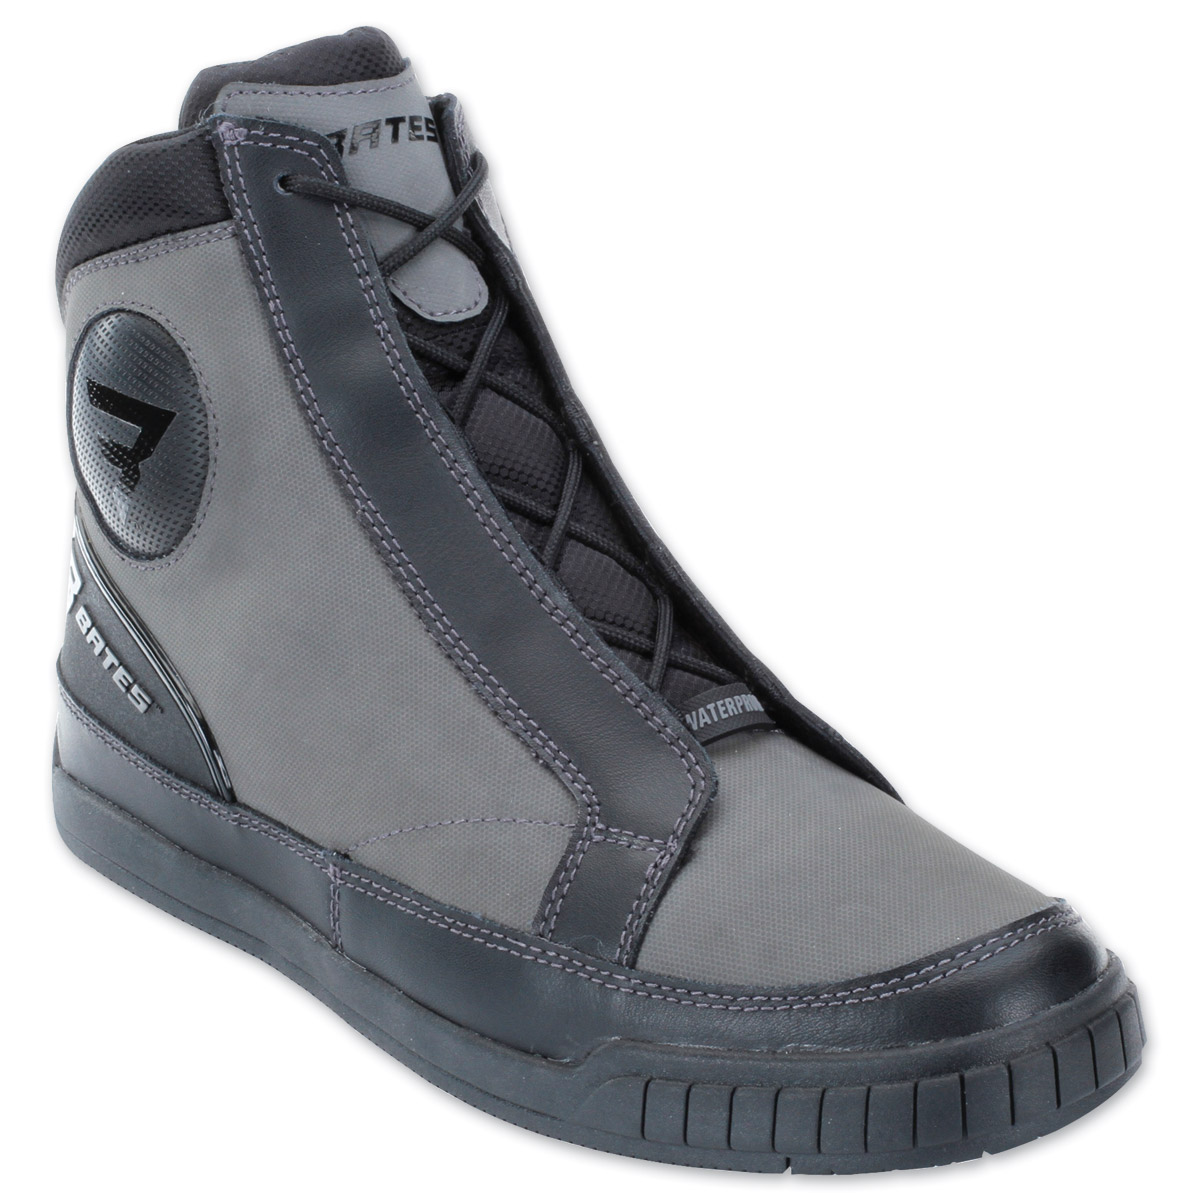 Bates Men's Taser Grey/Black Leather Boots